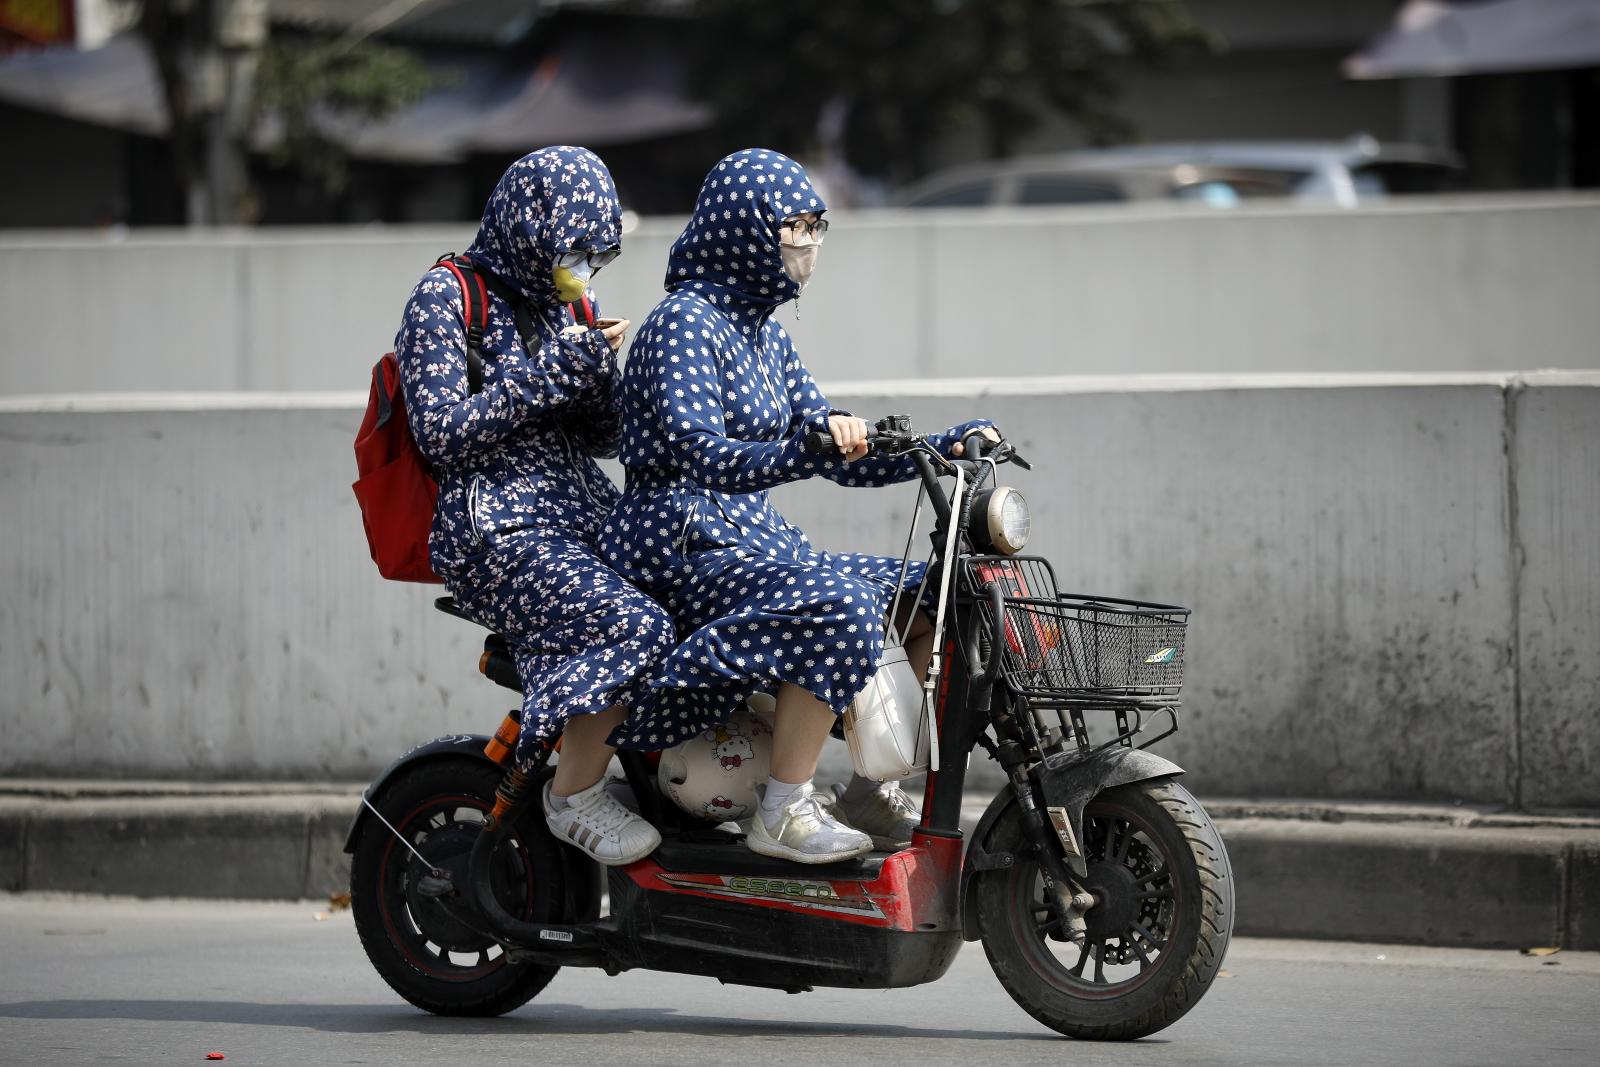 Ludzie specjalnie ubrani, by chronić się przed upałem na ulicach WIetnamu/EPA/LUONG THAI LINH